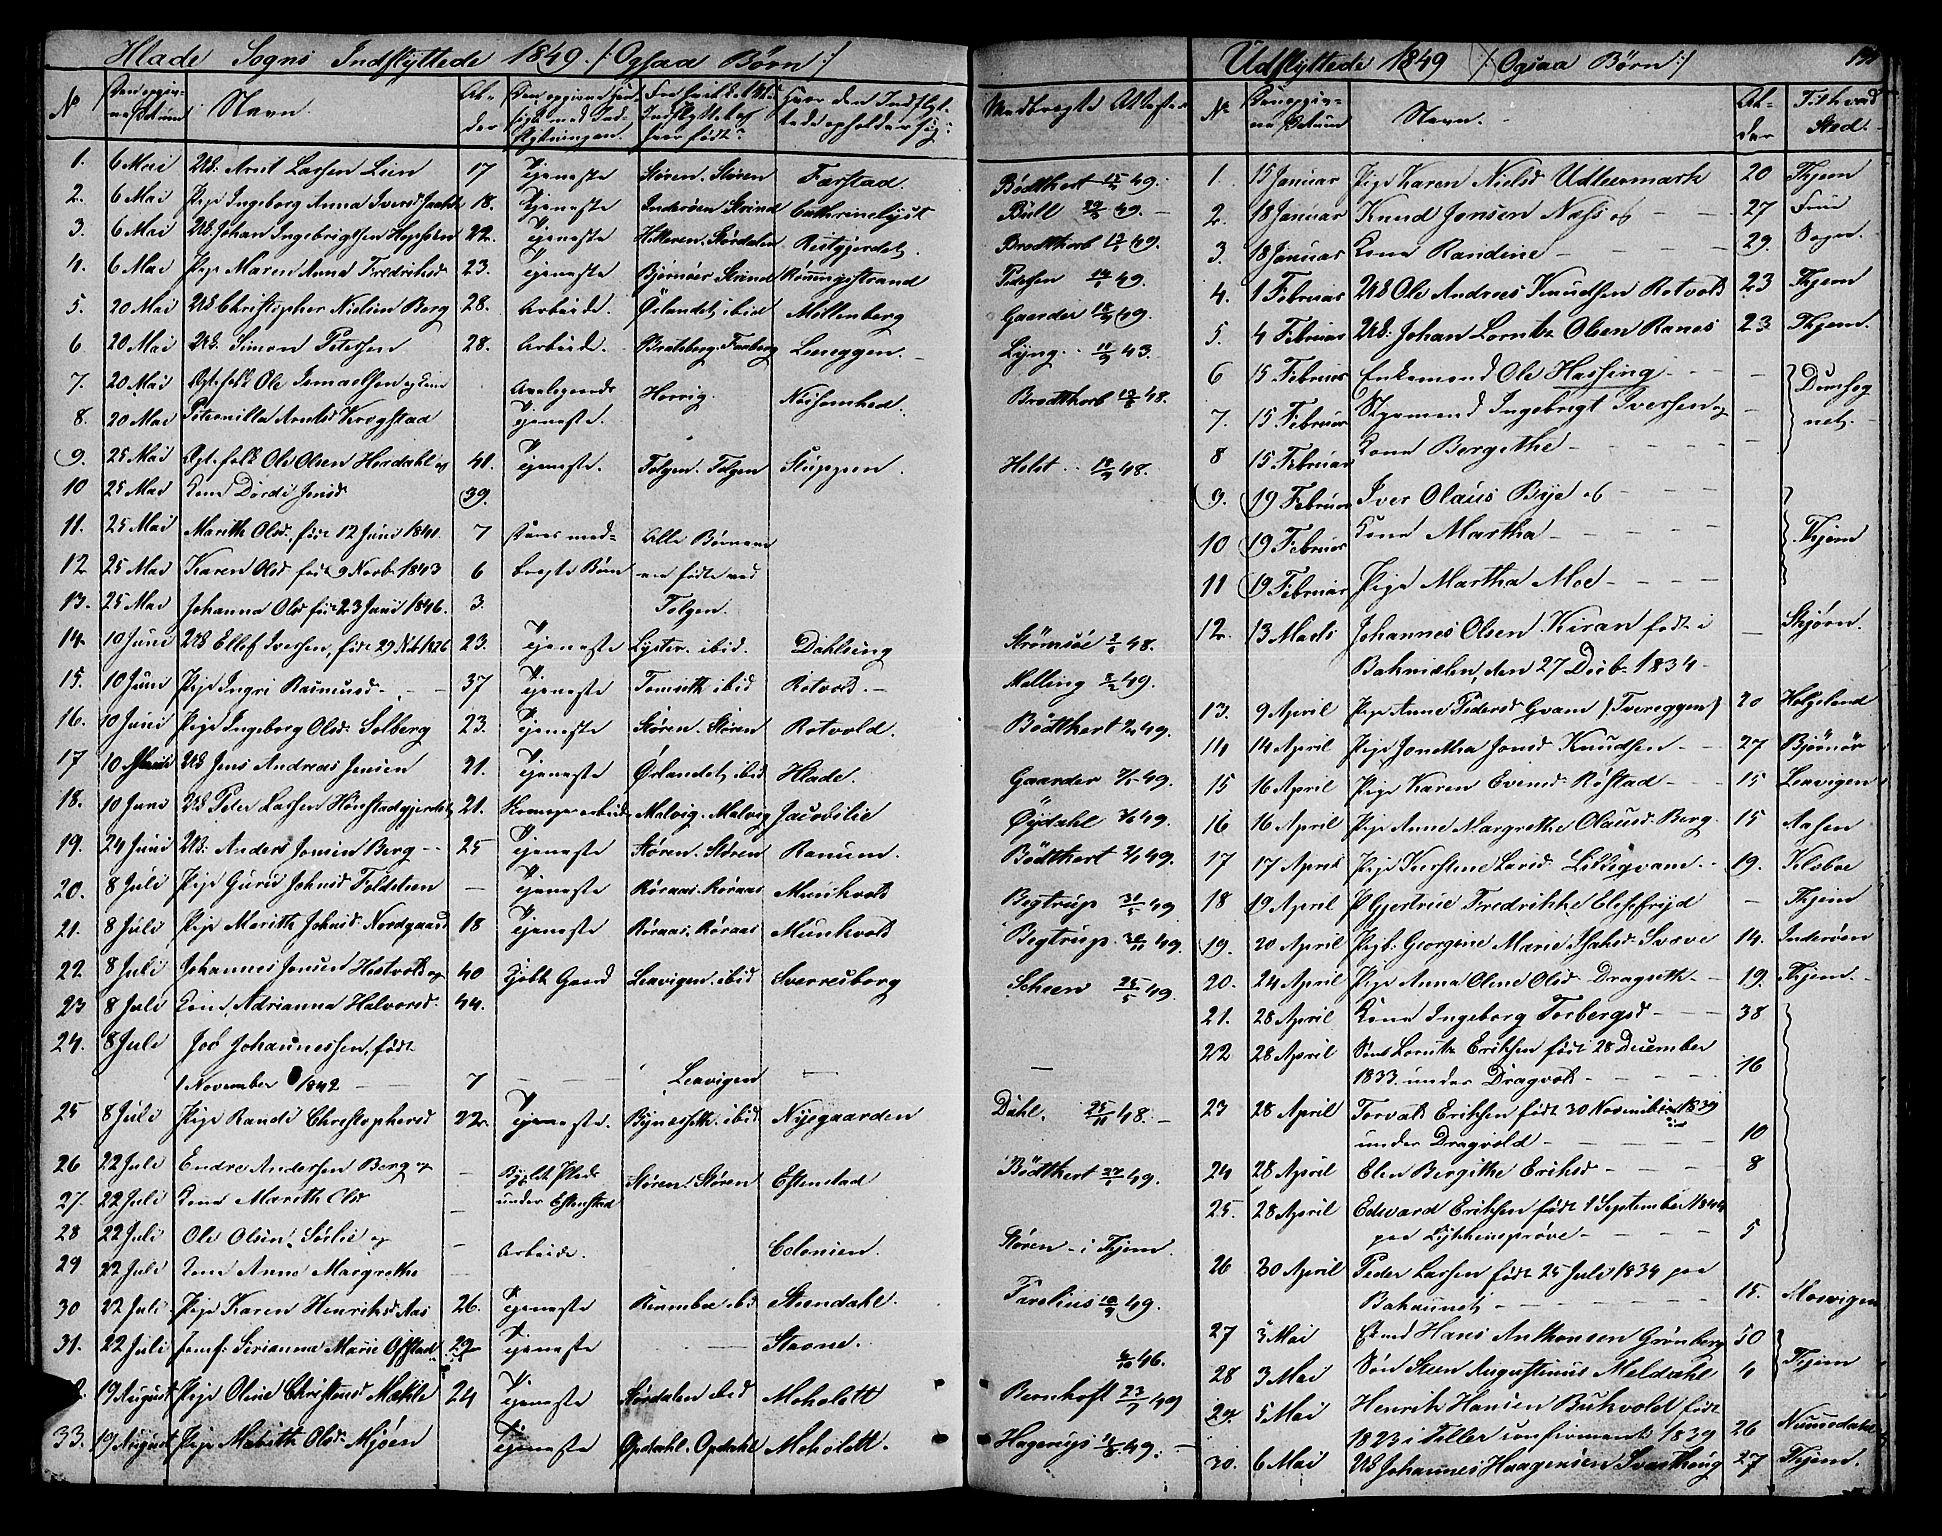 SAT, Ministerialprotokoller, klokkerbøker og fødselsregistre - Sør-Trøndelag, 606/L0309: Klokkerbok nr. 606C05, 1841-1849, s. 195